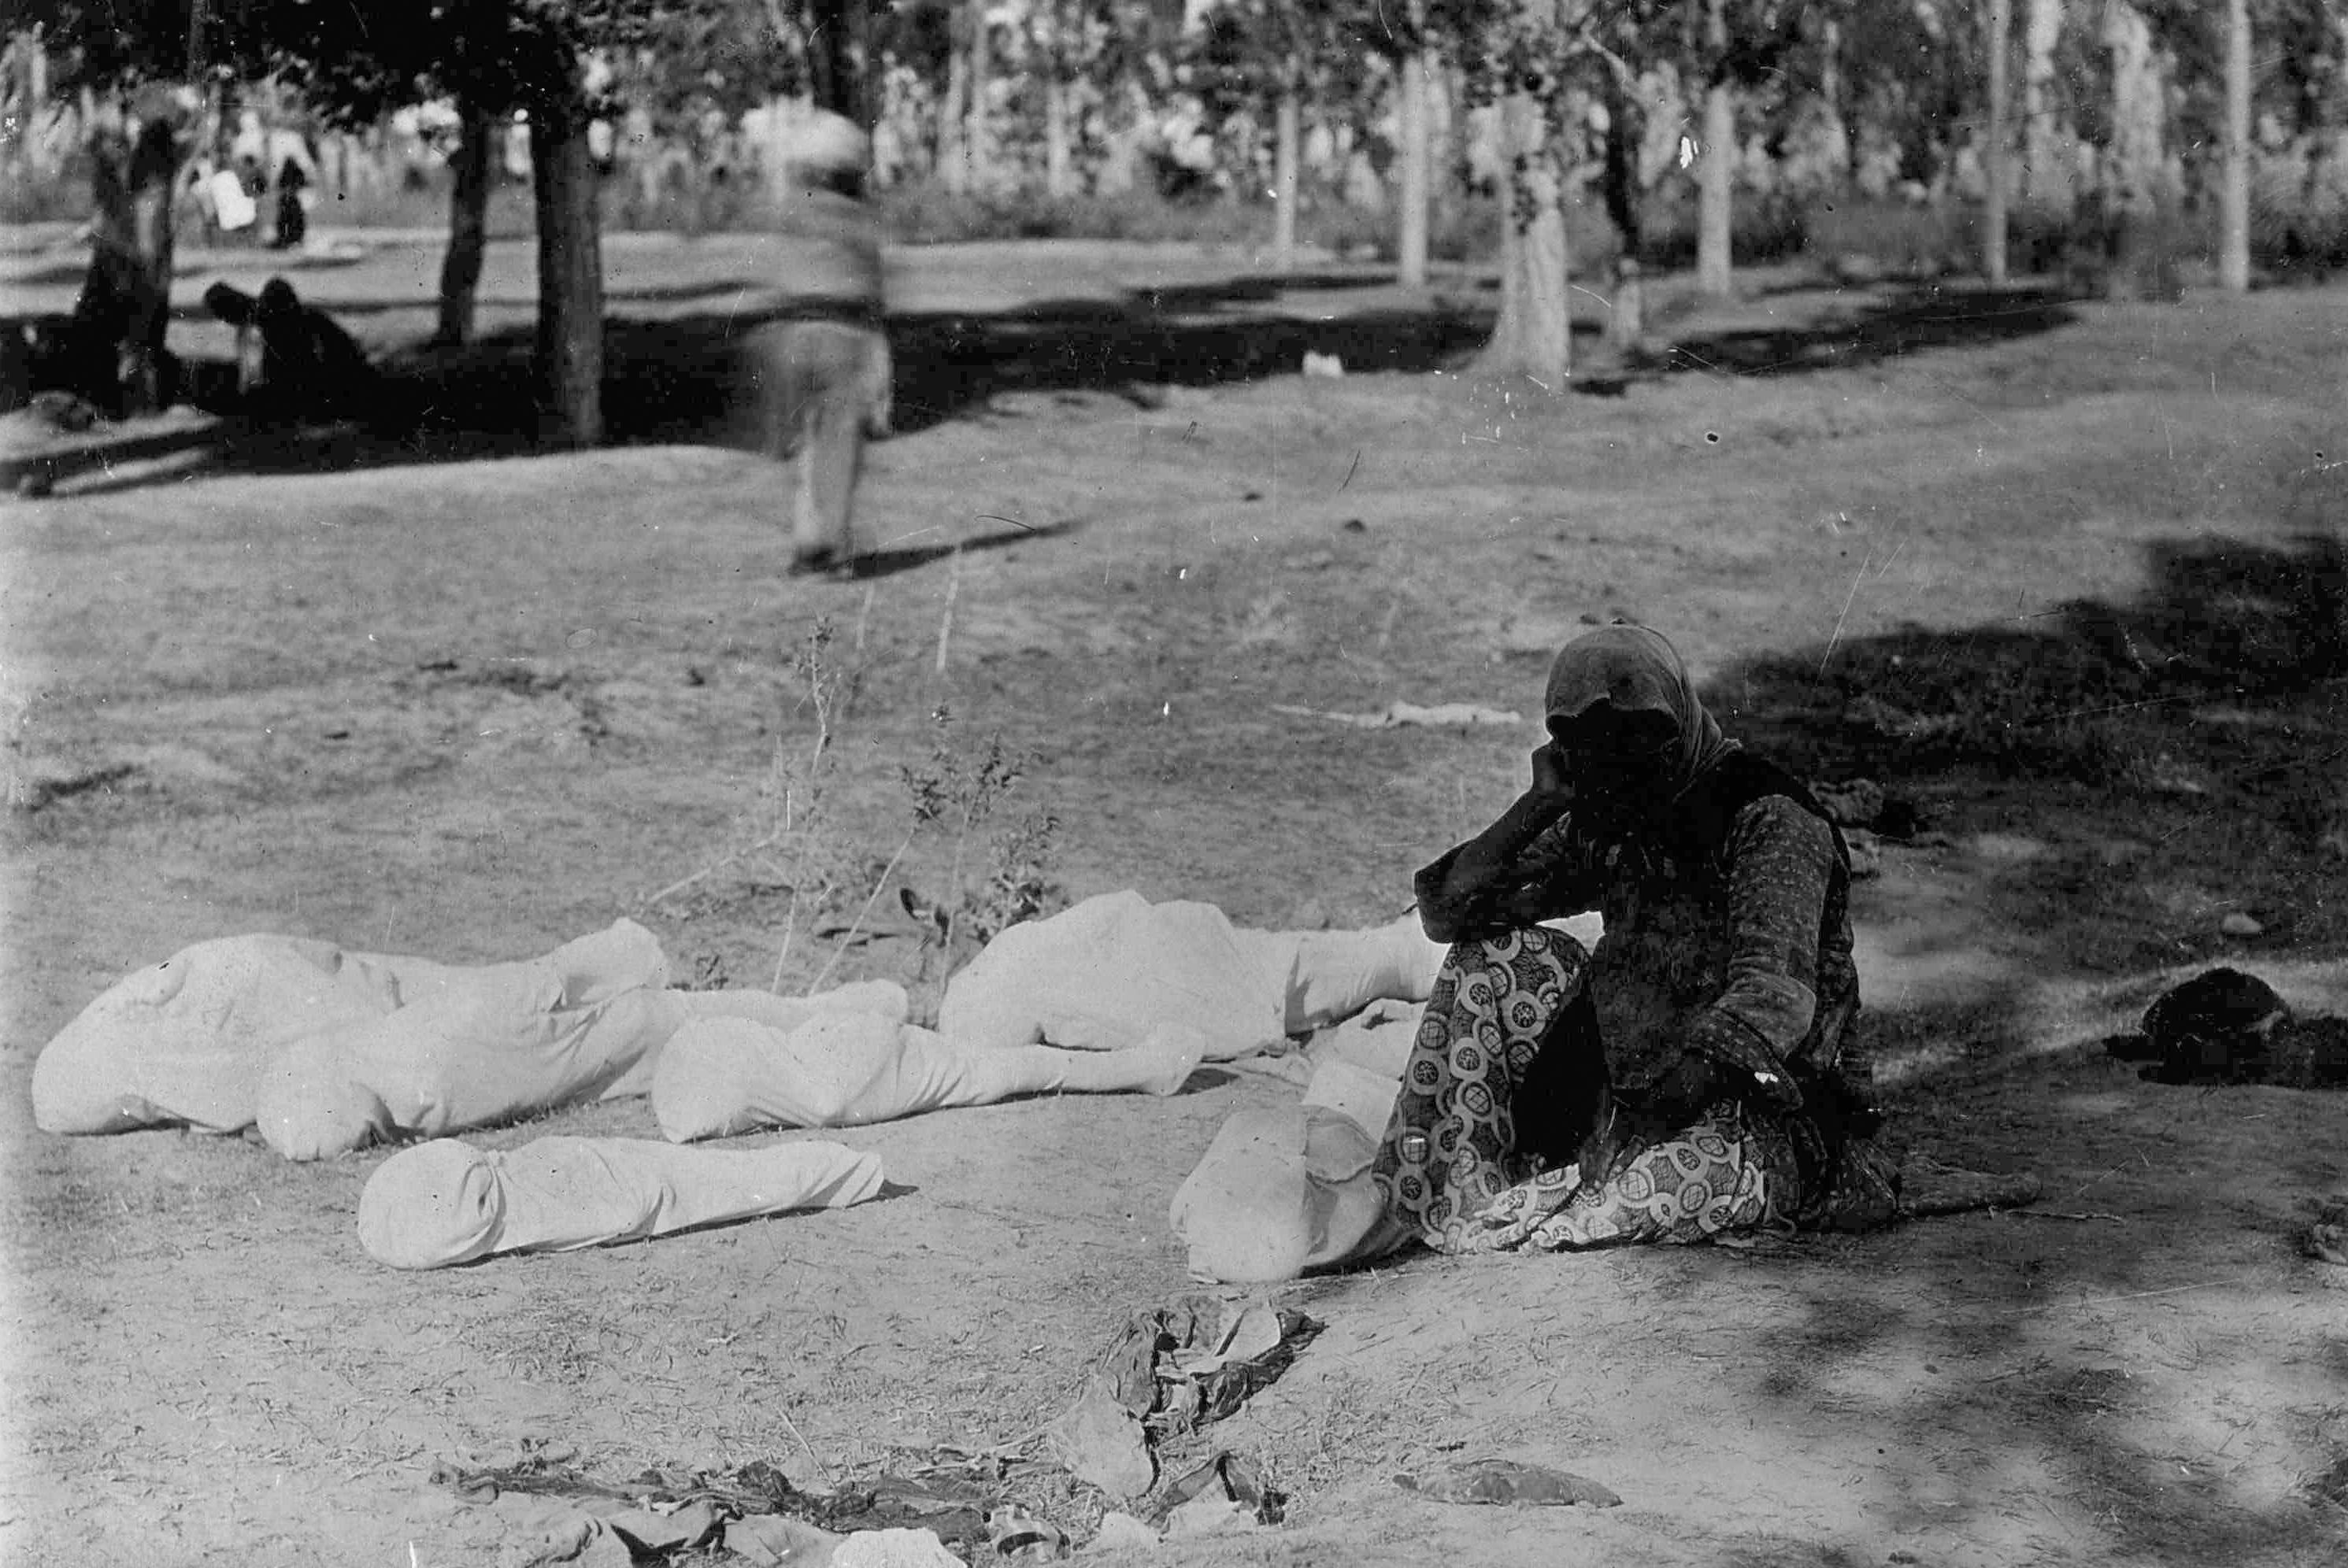 ГЕНОЦИД АРМЯН 1915 ПРИЧИНЫ ФОТО СКАЧАТЬ БЕСПЛАТНО